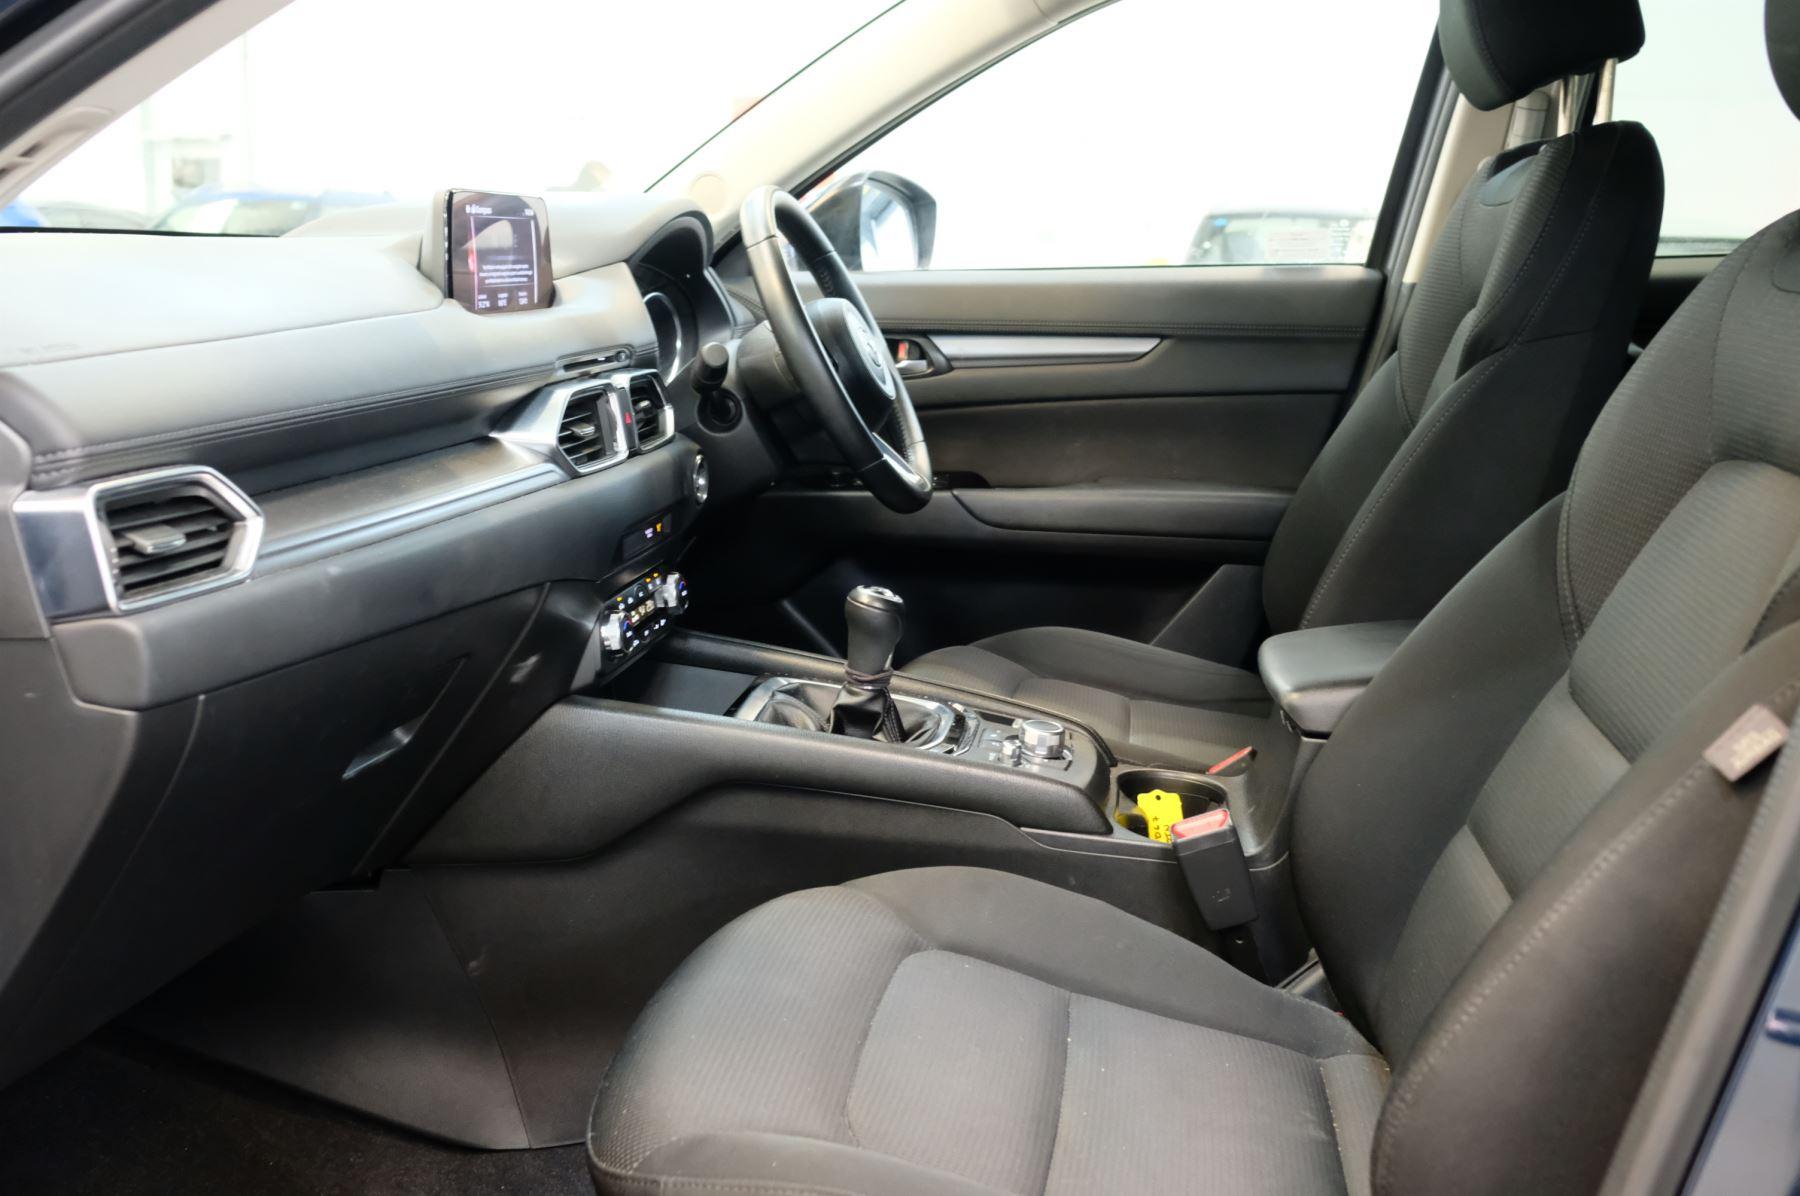 Mazda CX-5 2.0 SE-L Nav 5dr image 12